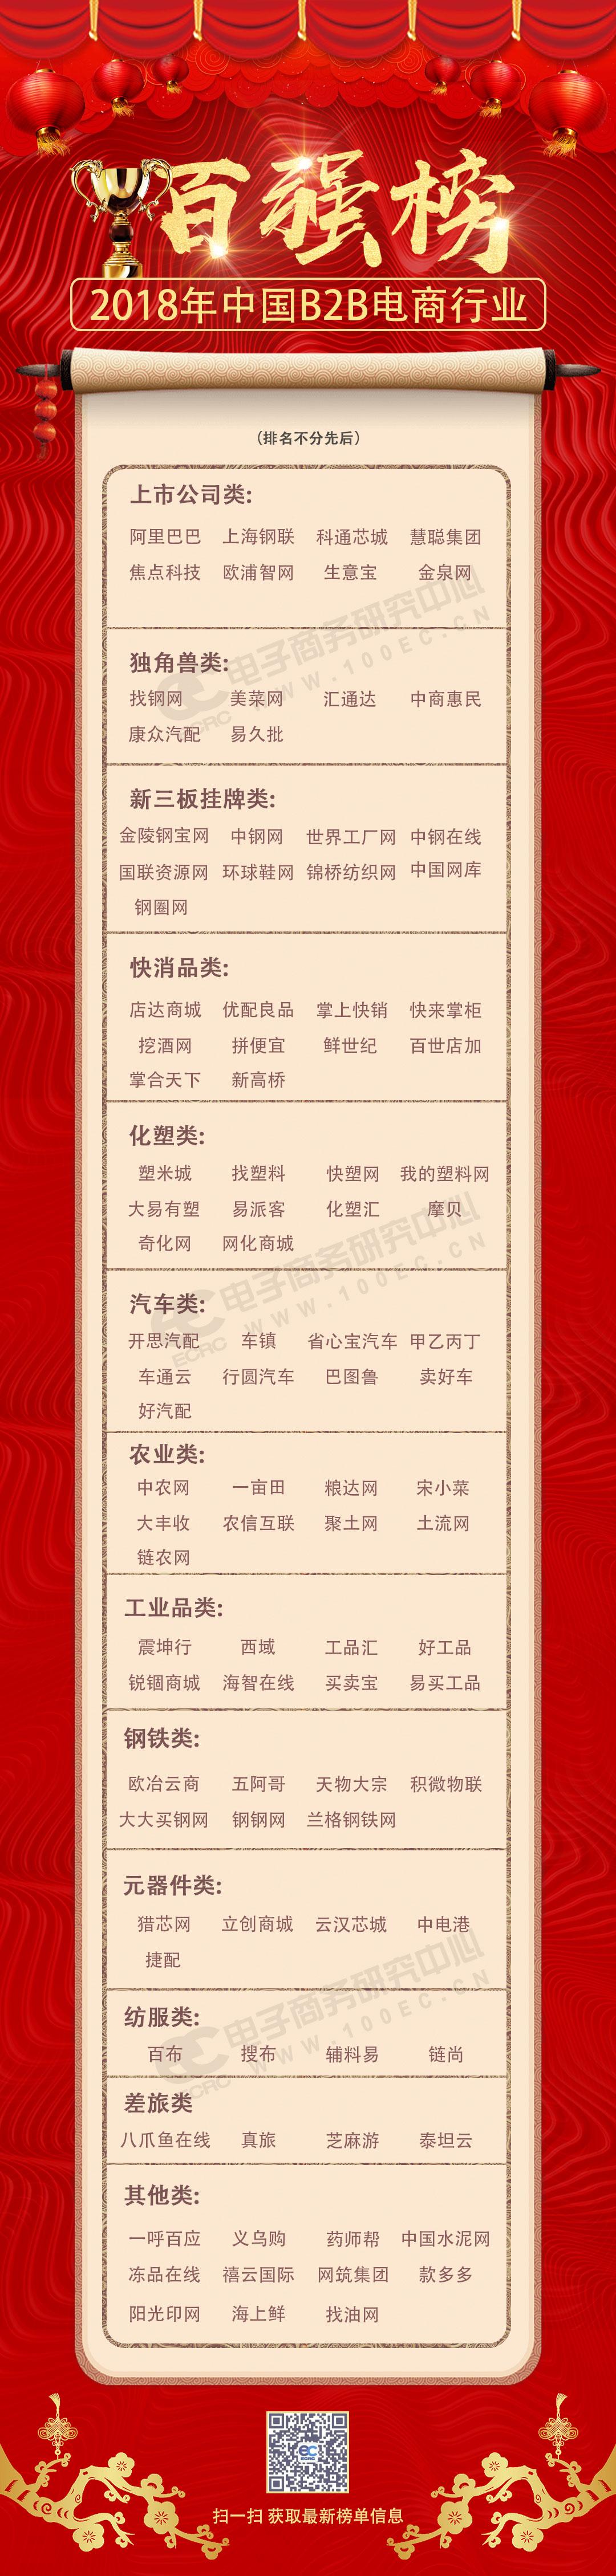 2018年国际老虎机平台开户送体验金B2B电商pt老虎机注册送体验金百强榜.jpg